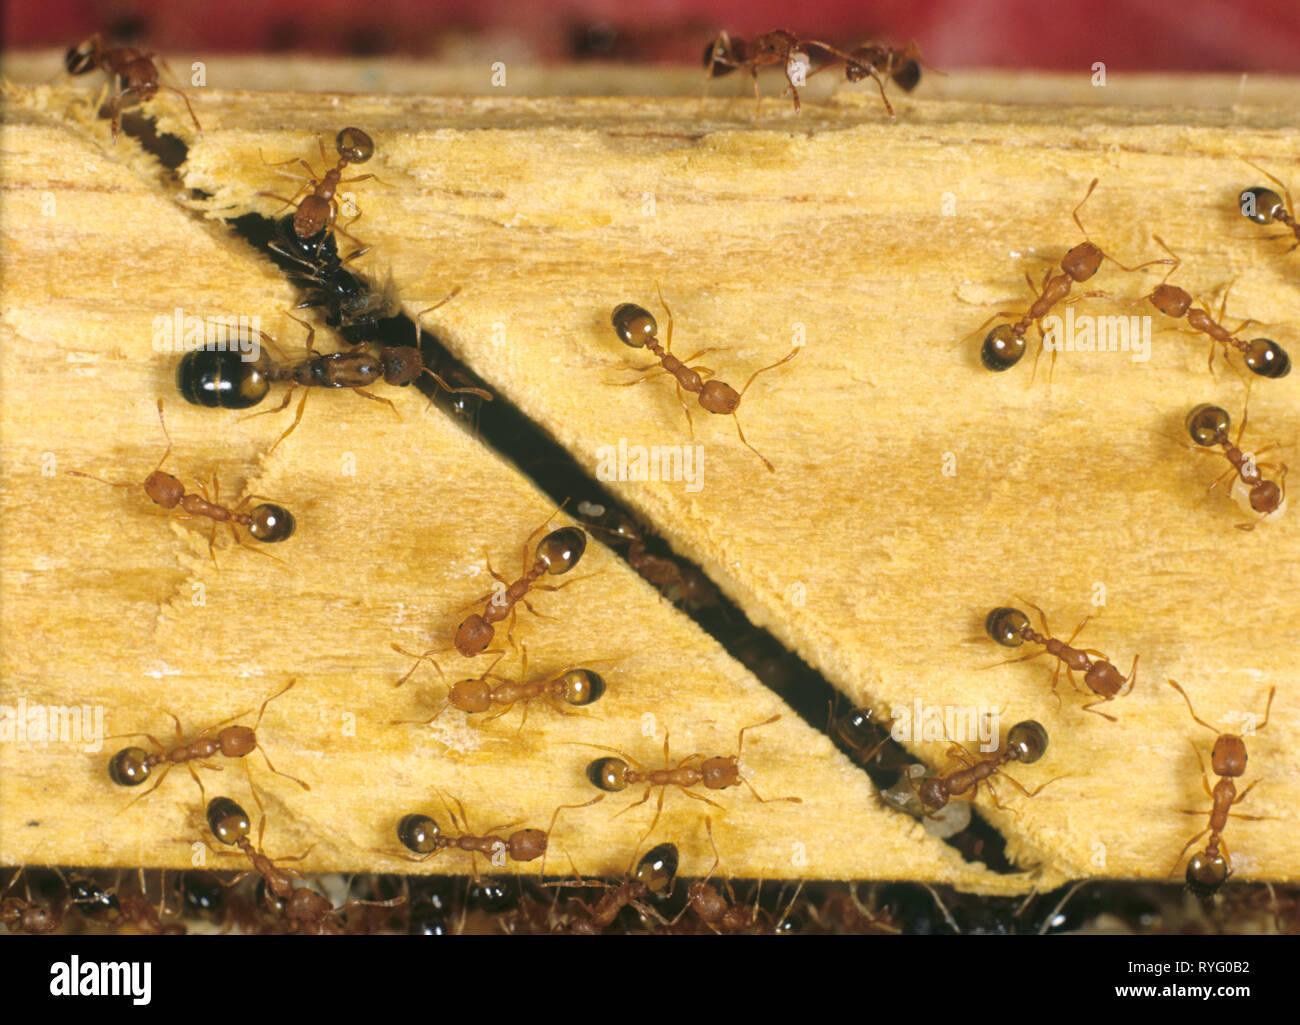 Las hormigas faraón (Monomorium pharaonis) con los trabajadores, reina y larvas. Imagen De Stock